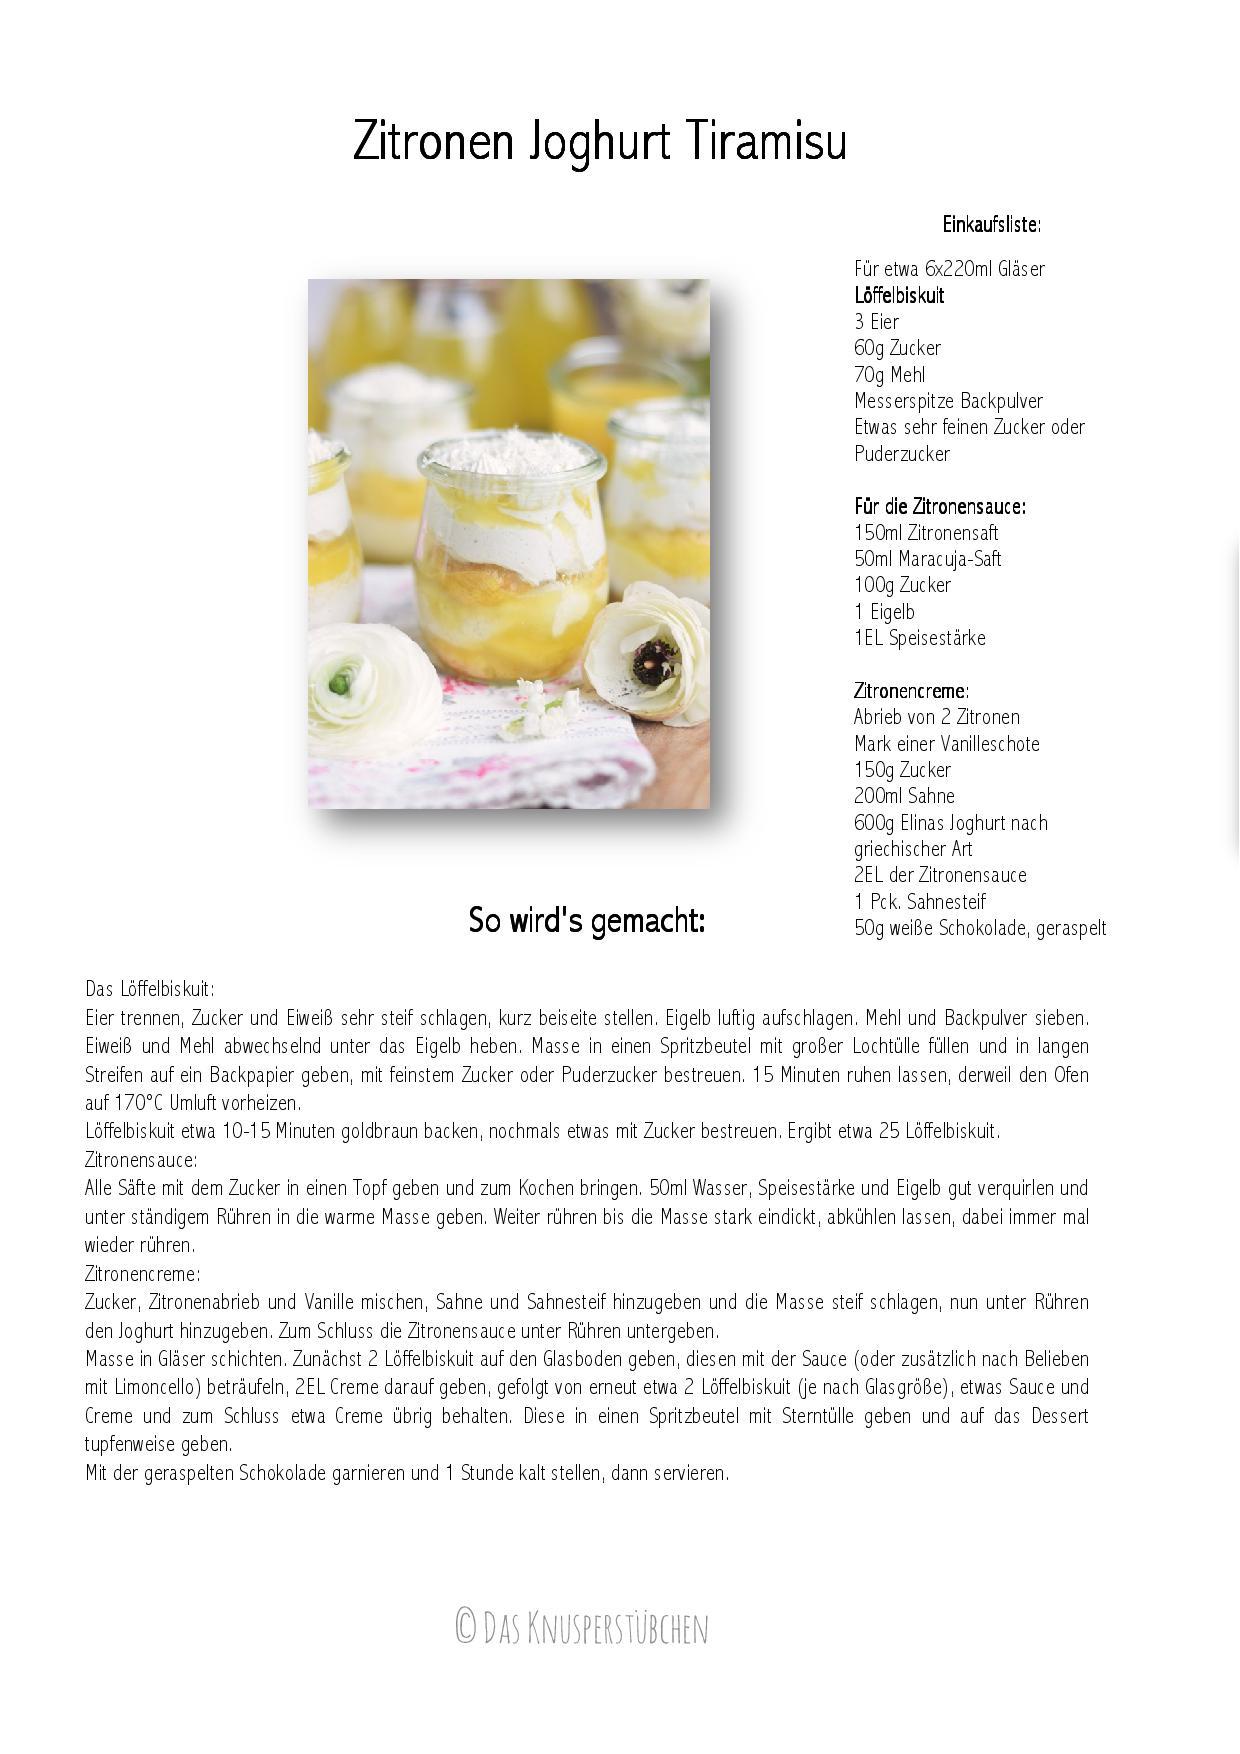 Zitronen Joghurt Tiramisu-001